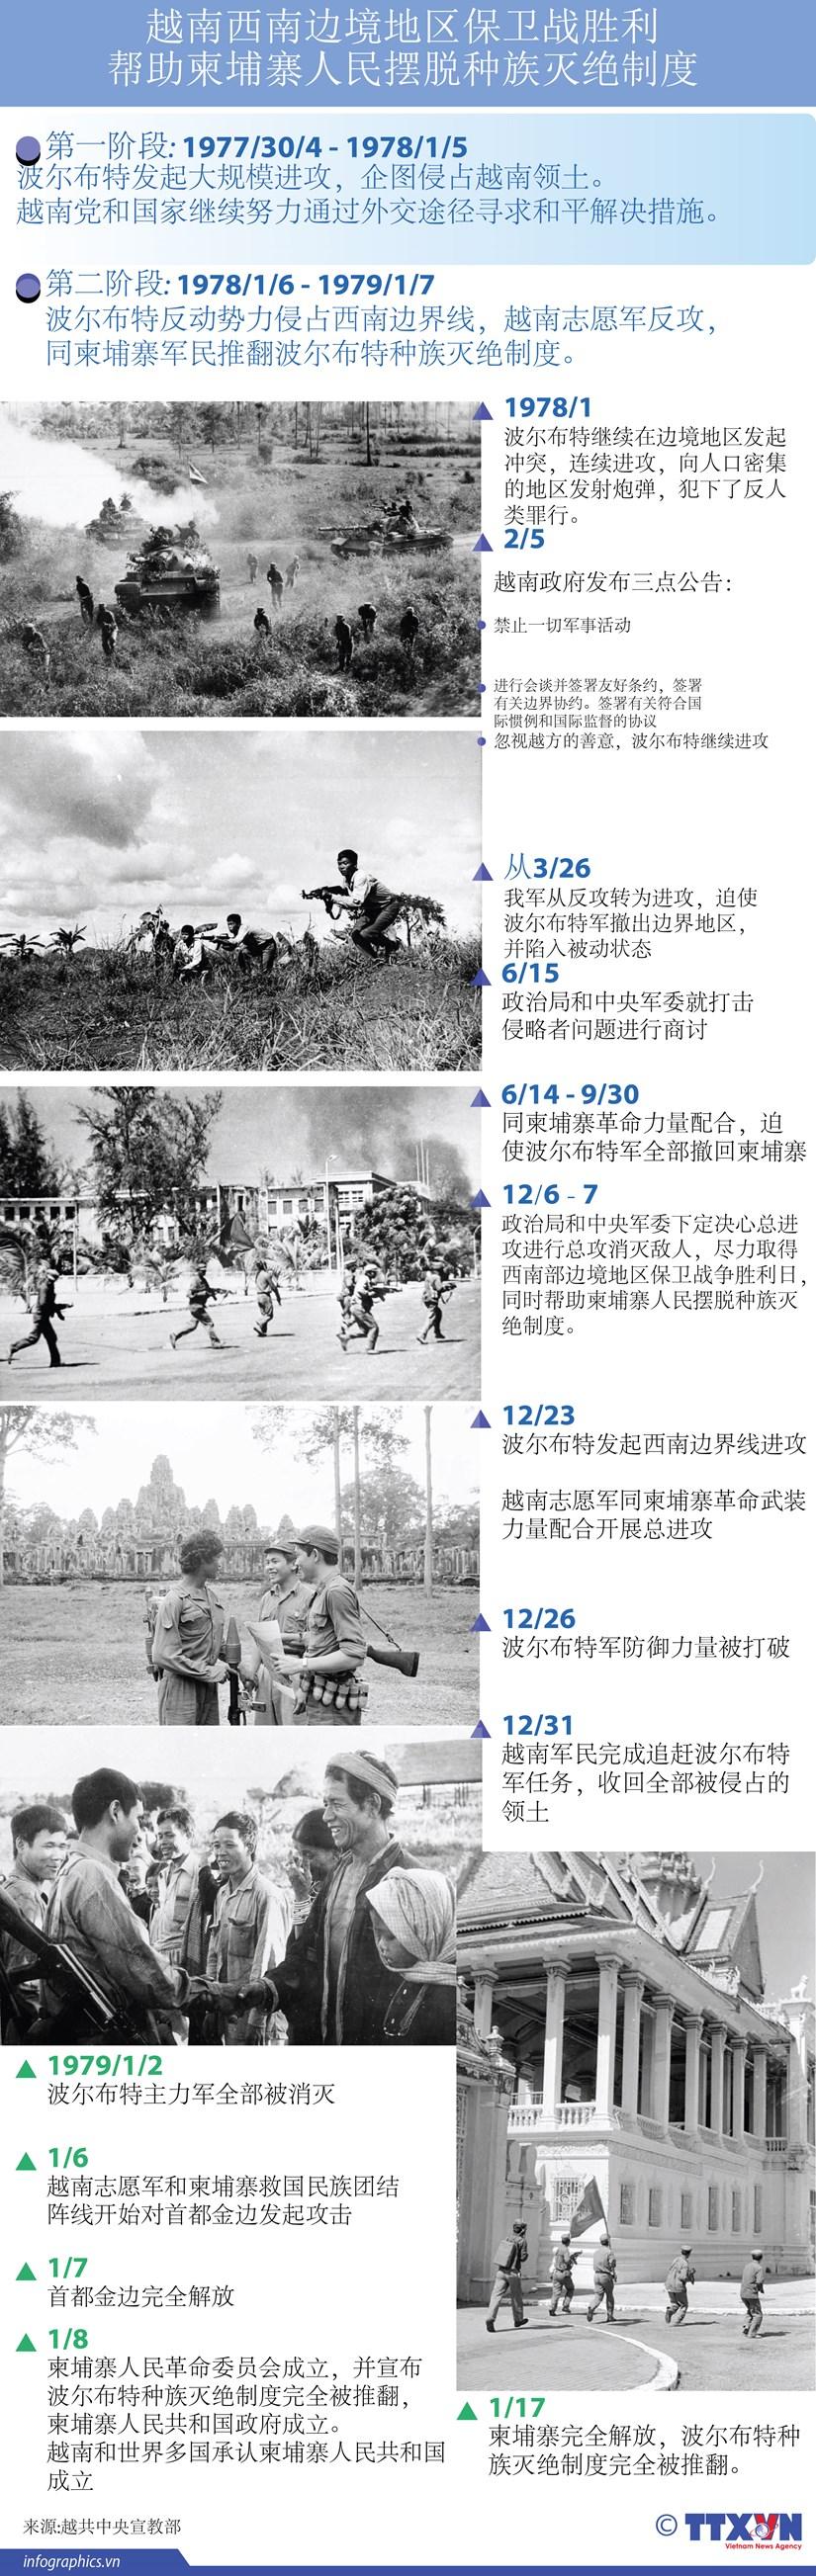 图表新闻:越南西南边境地区保卫战胜利 帮助柬埔寨人民摆脱种族灭绝制度 hinh anh 1